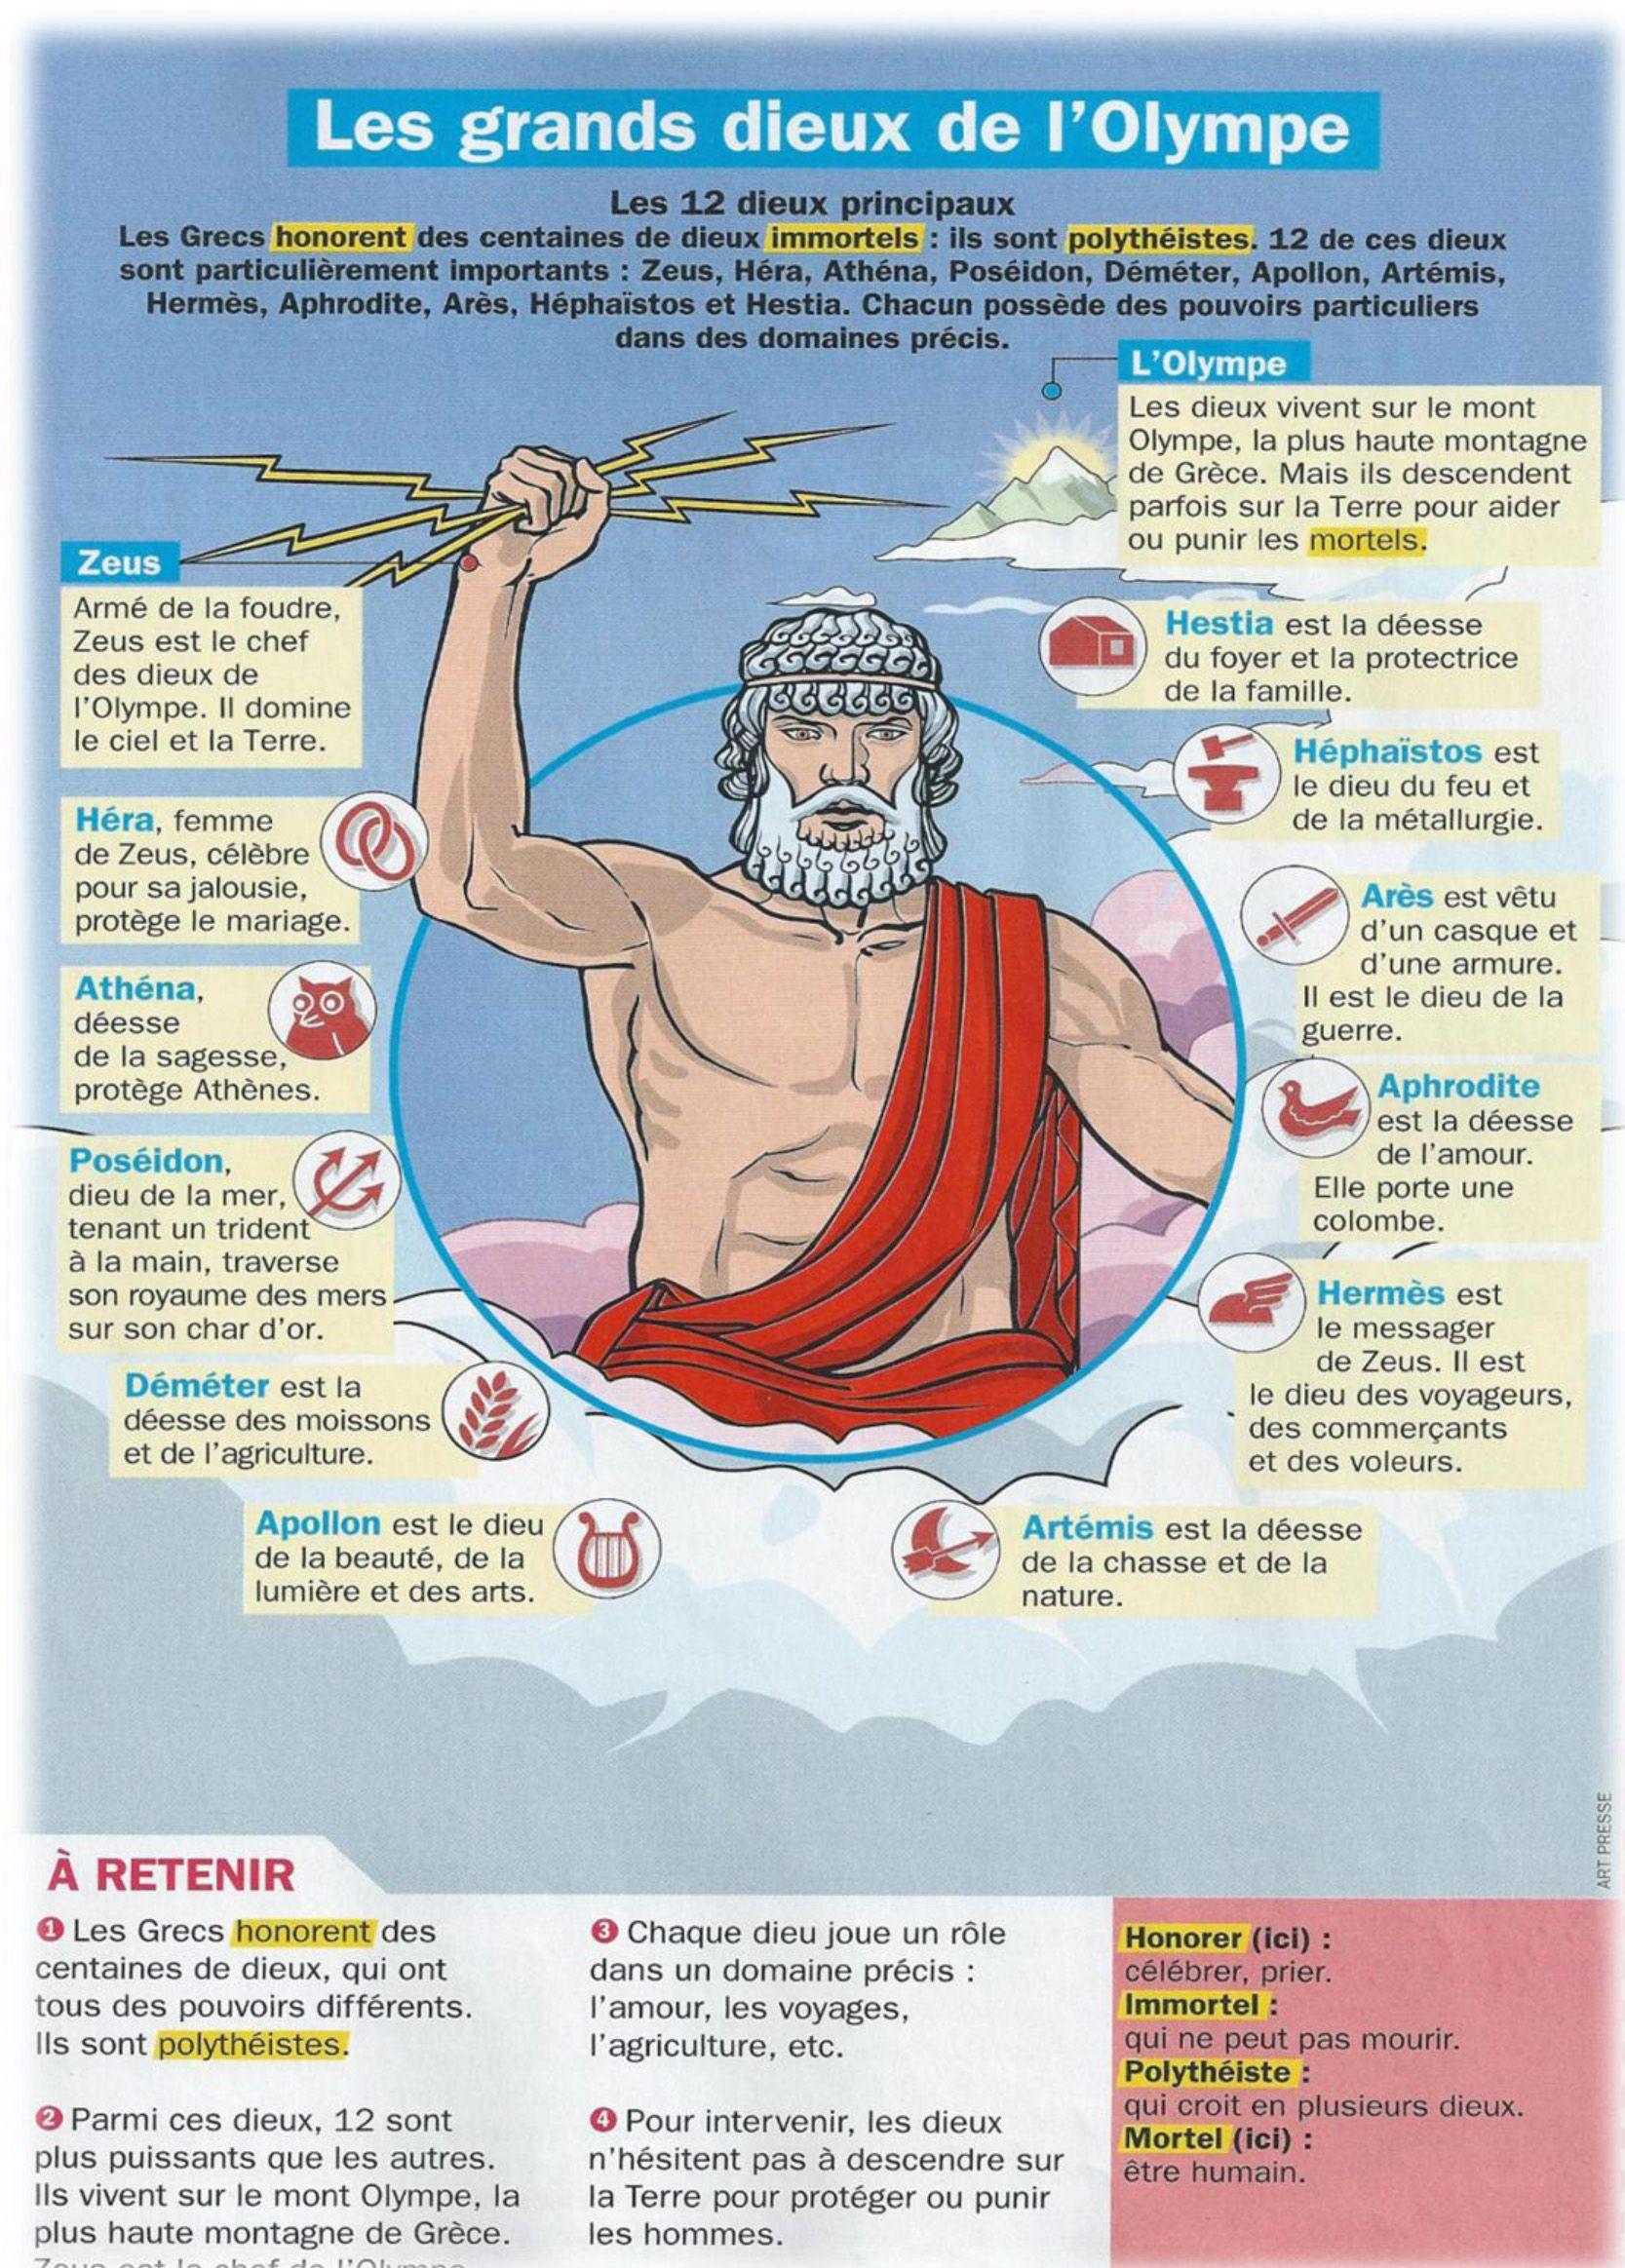 Les Divinites Grecques Histoire Geographie Civilisation Grecque Histoire Universelle